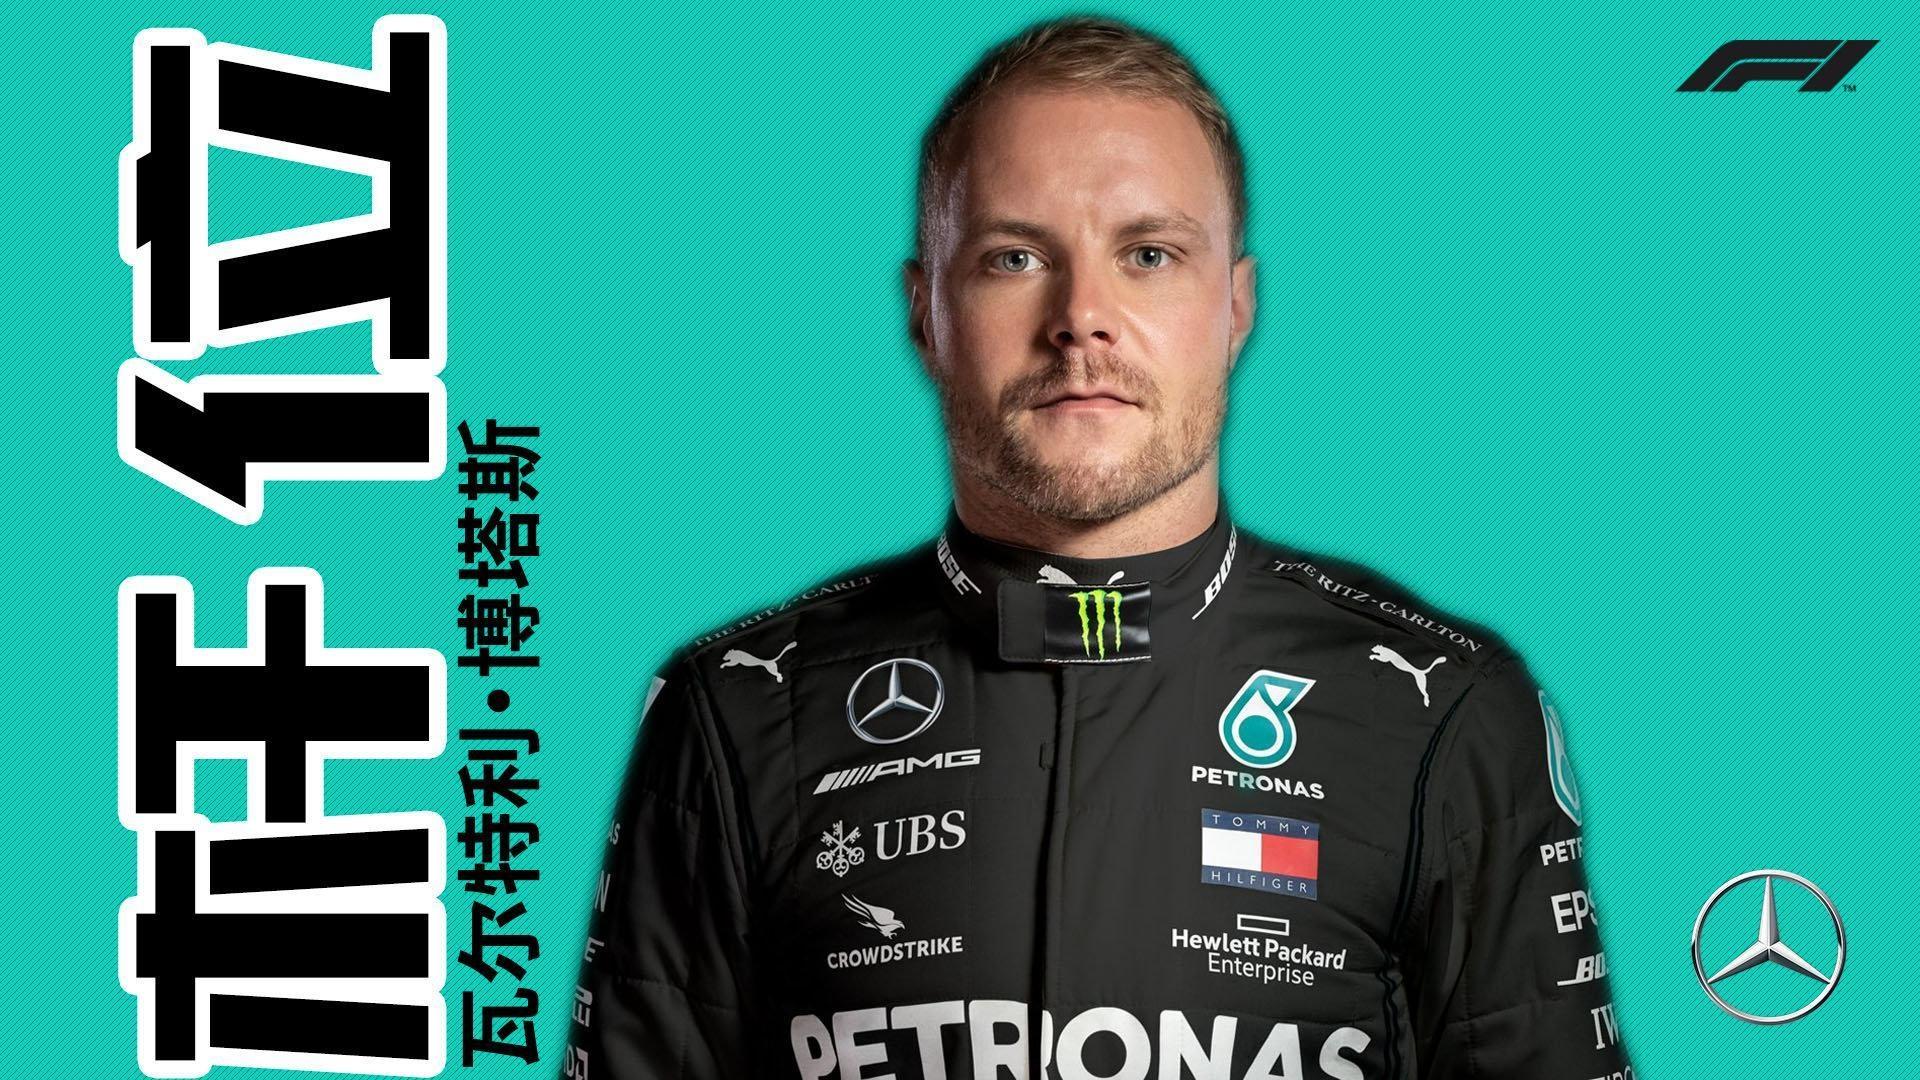 F1七十周年大奖赛排位赛:博塔斯力压汉密尔顿夺得杆位